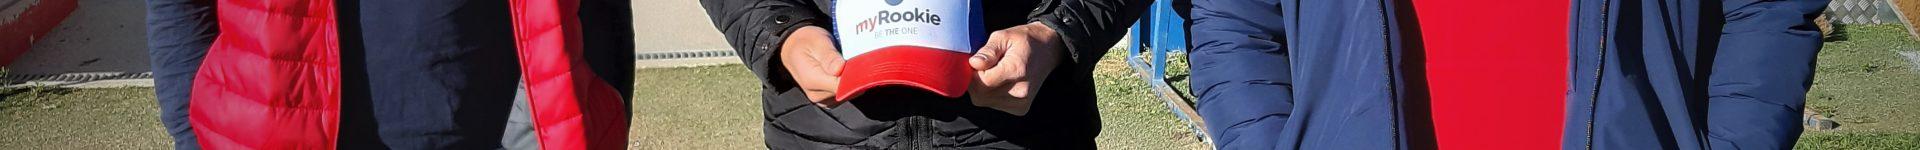 MyRookie, partenaire du recrutement du Stade Aurillacois